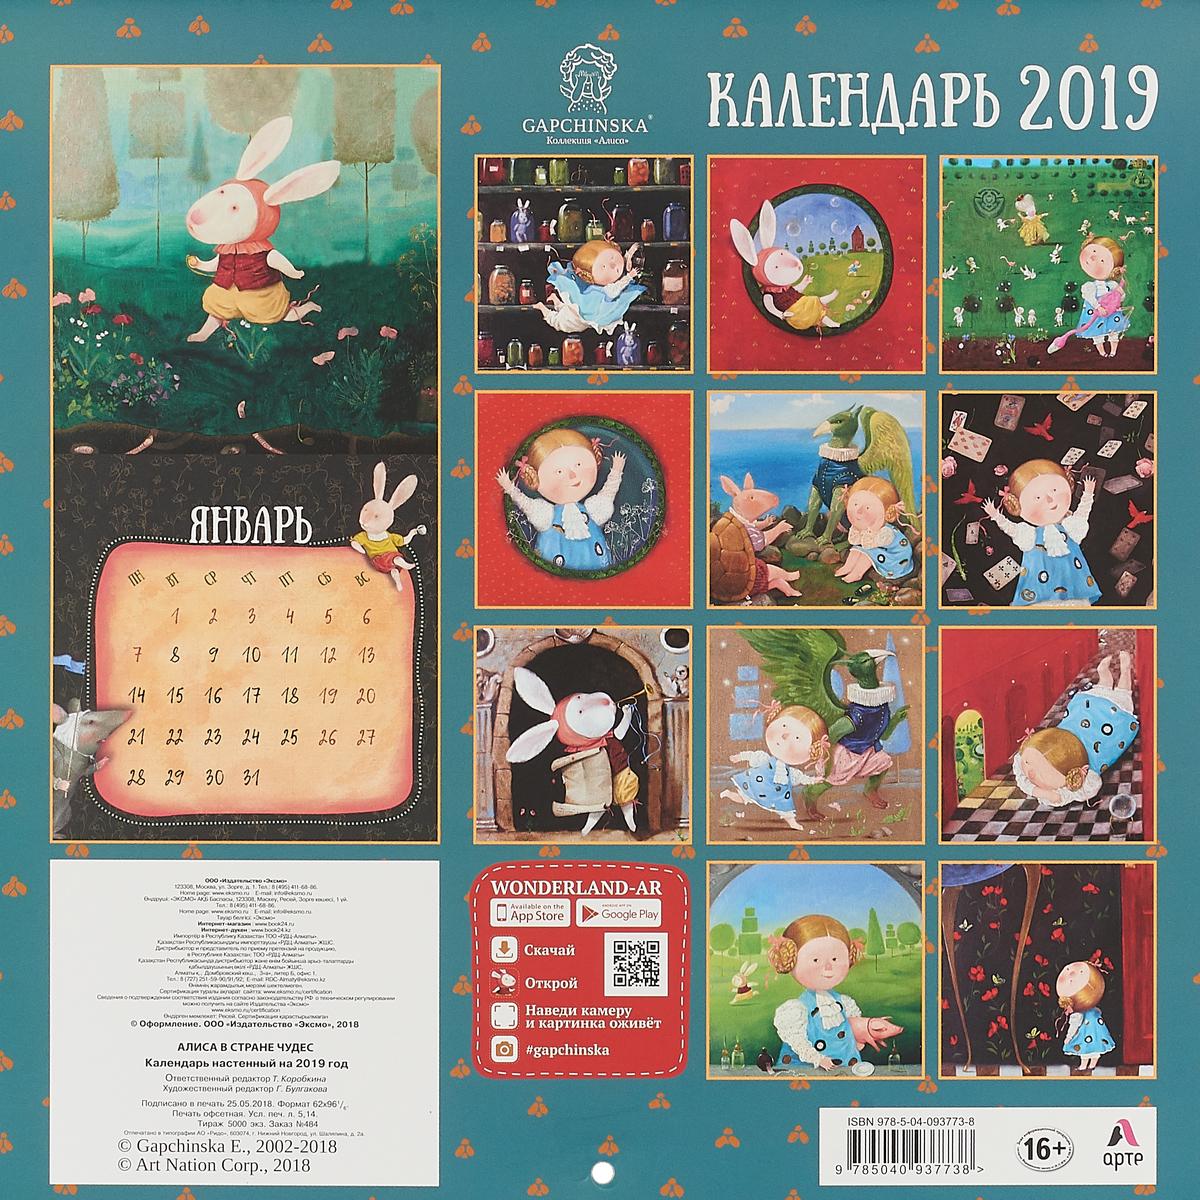 Алиса в стране чудес. Календарь настенный на 2019 год с дополненной реальностью (Арте).